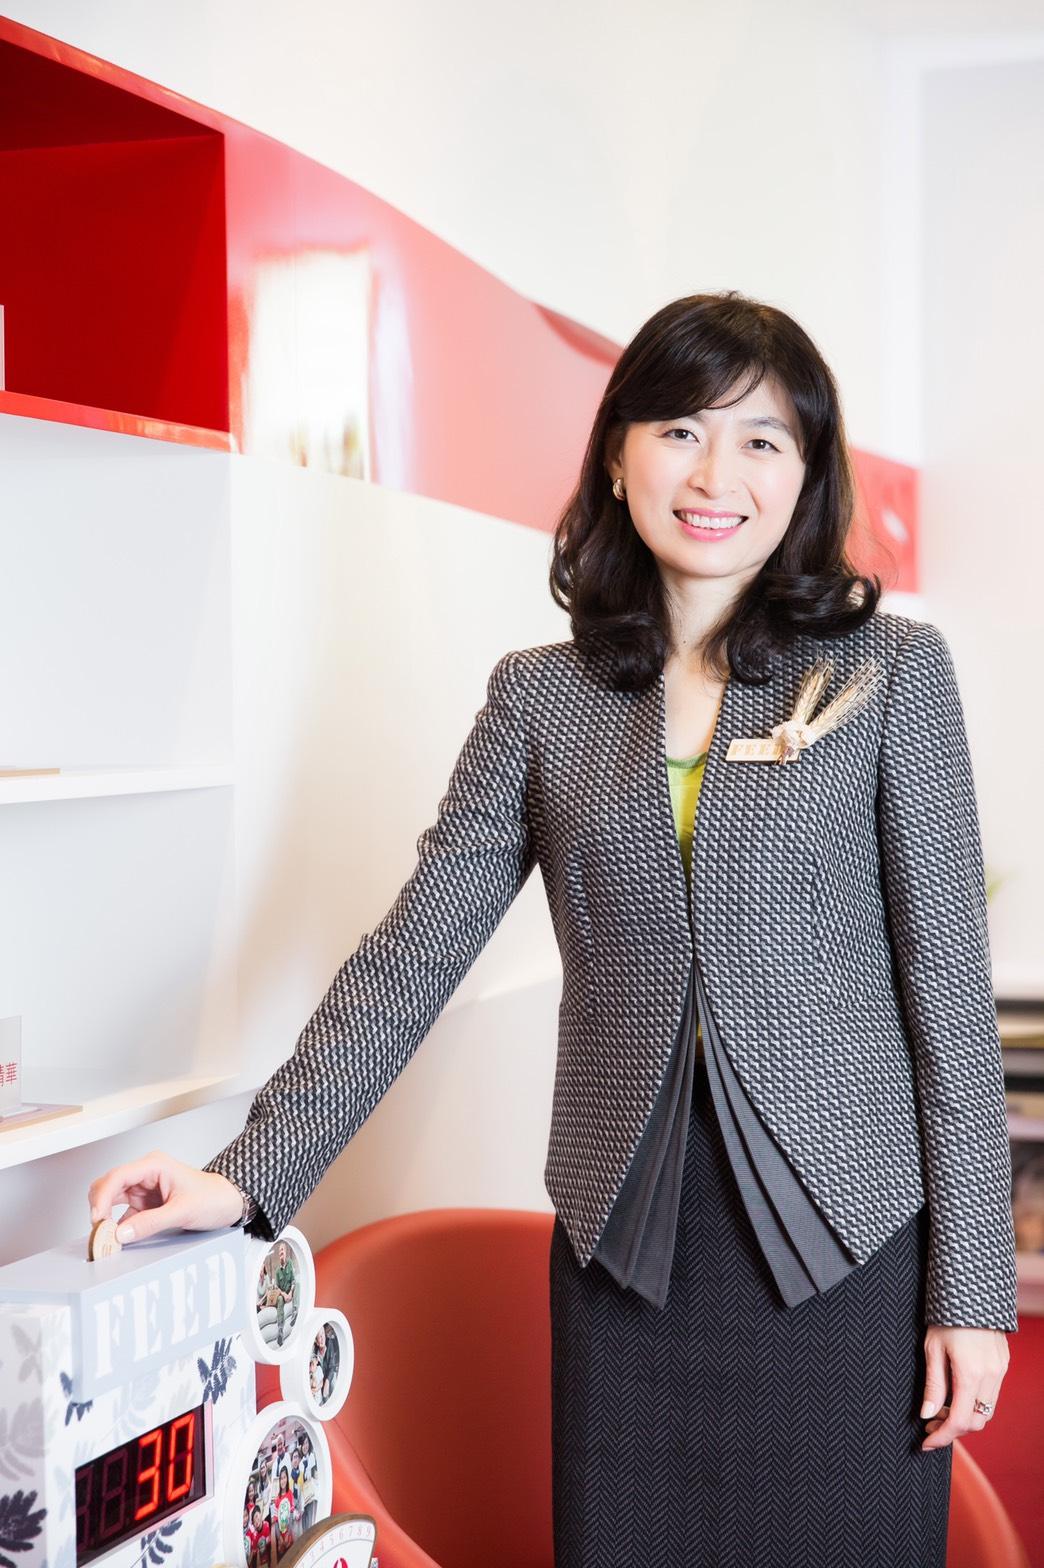 現任克蘭詩台灣分公司總經理暨負責人 Kathy CHEN